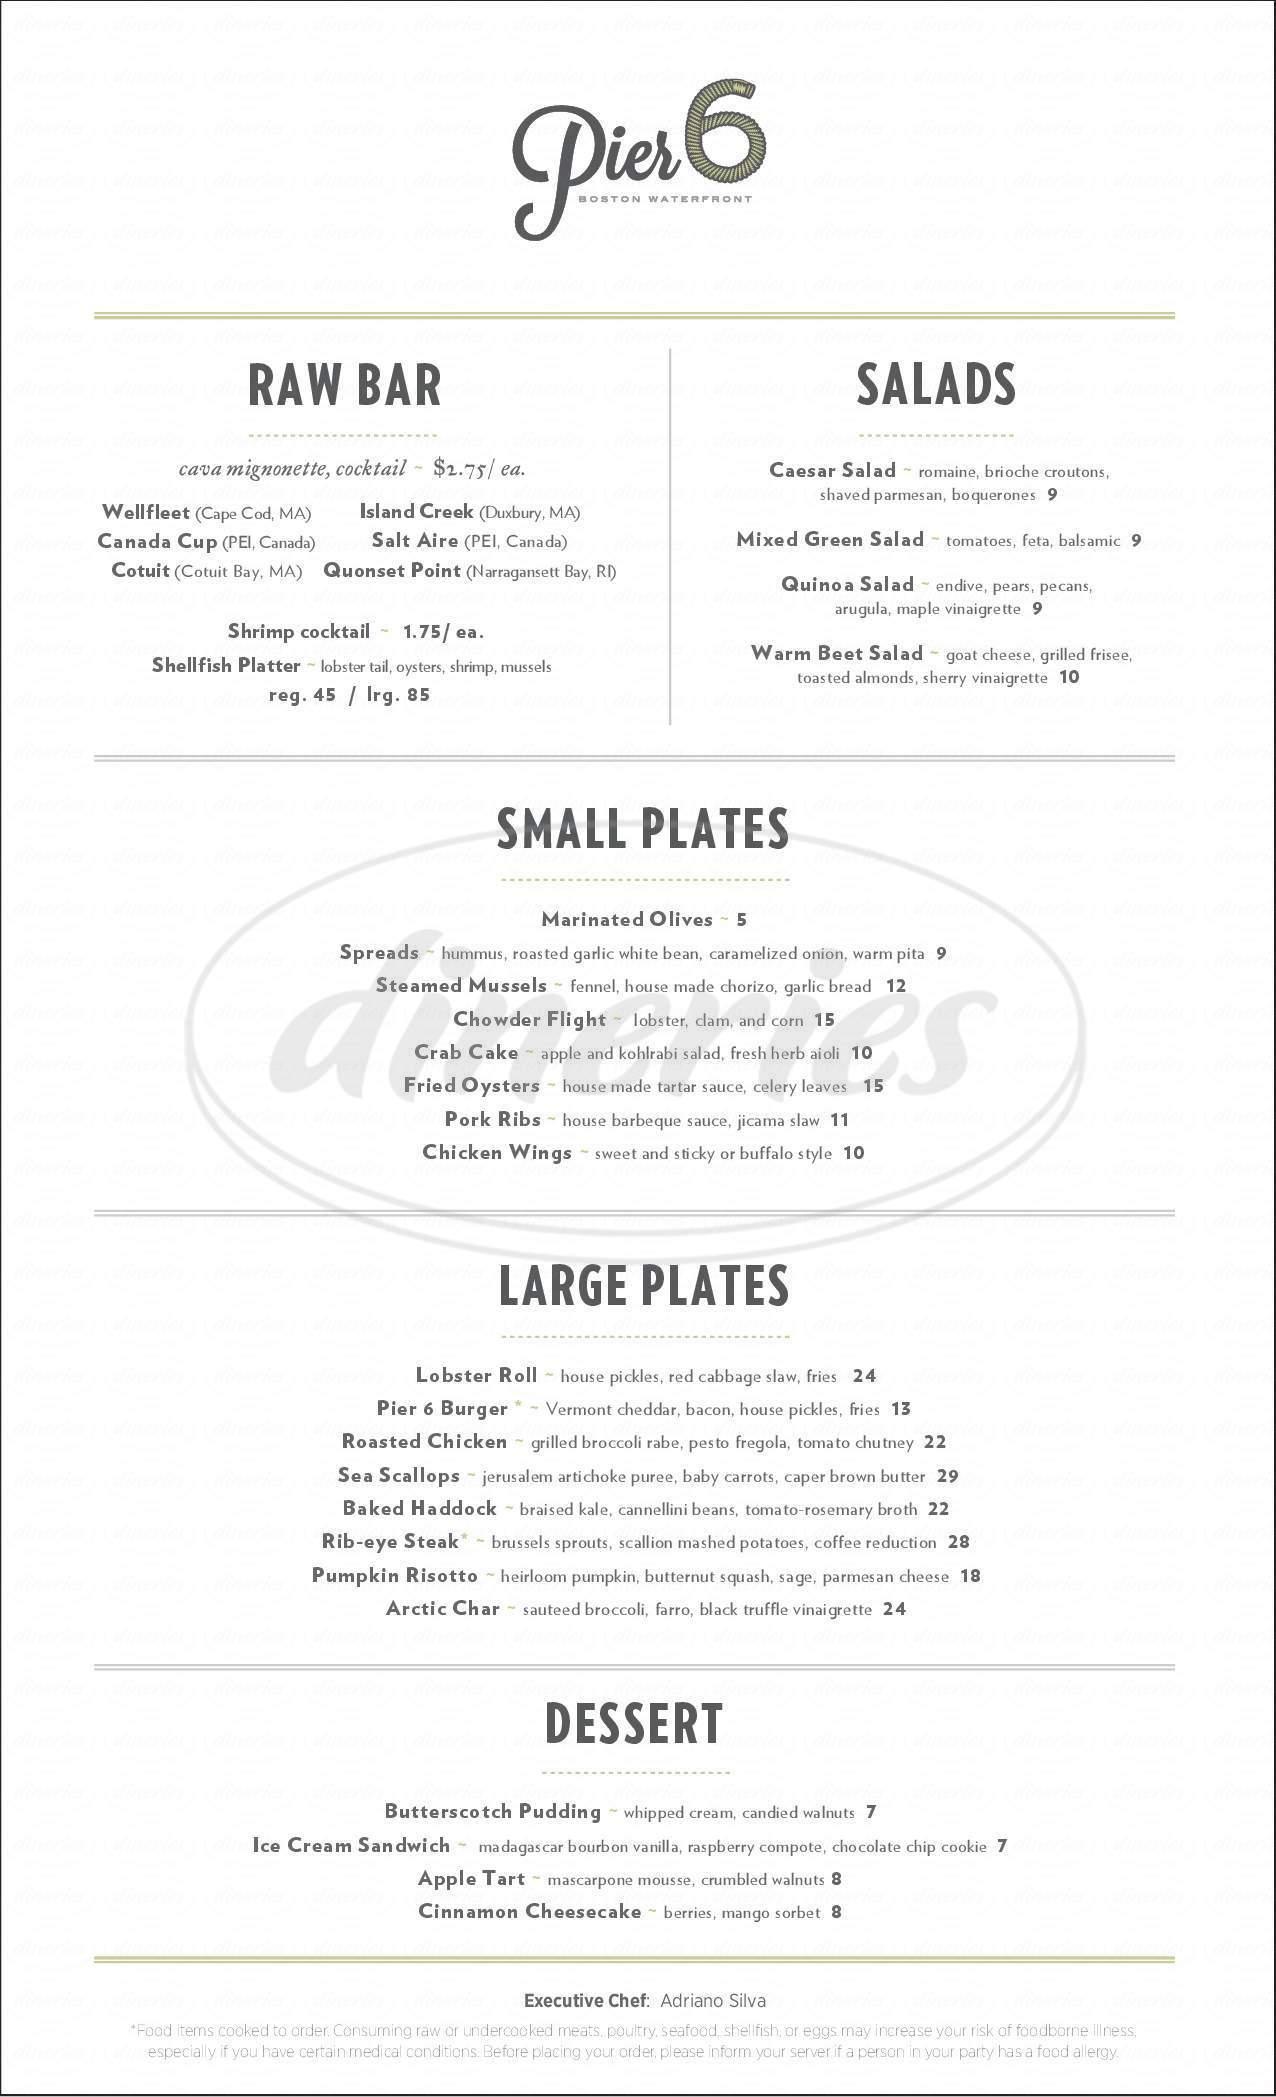 menu for Pier 6 Boston Waterfront